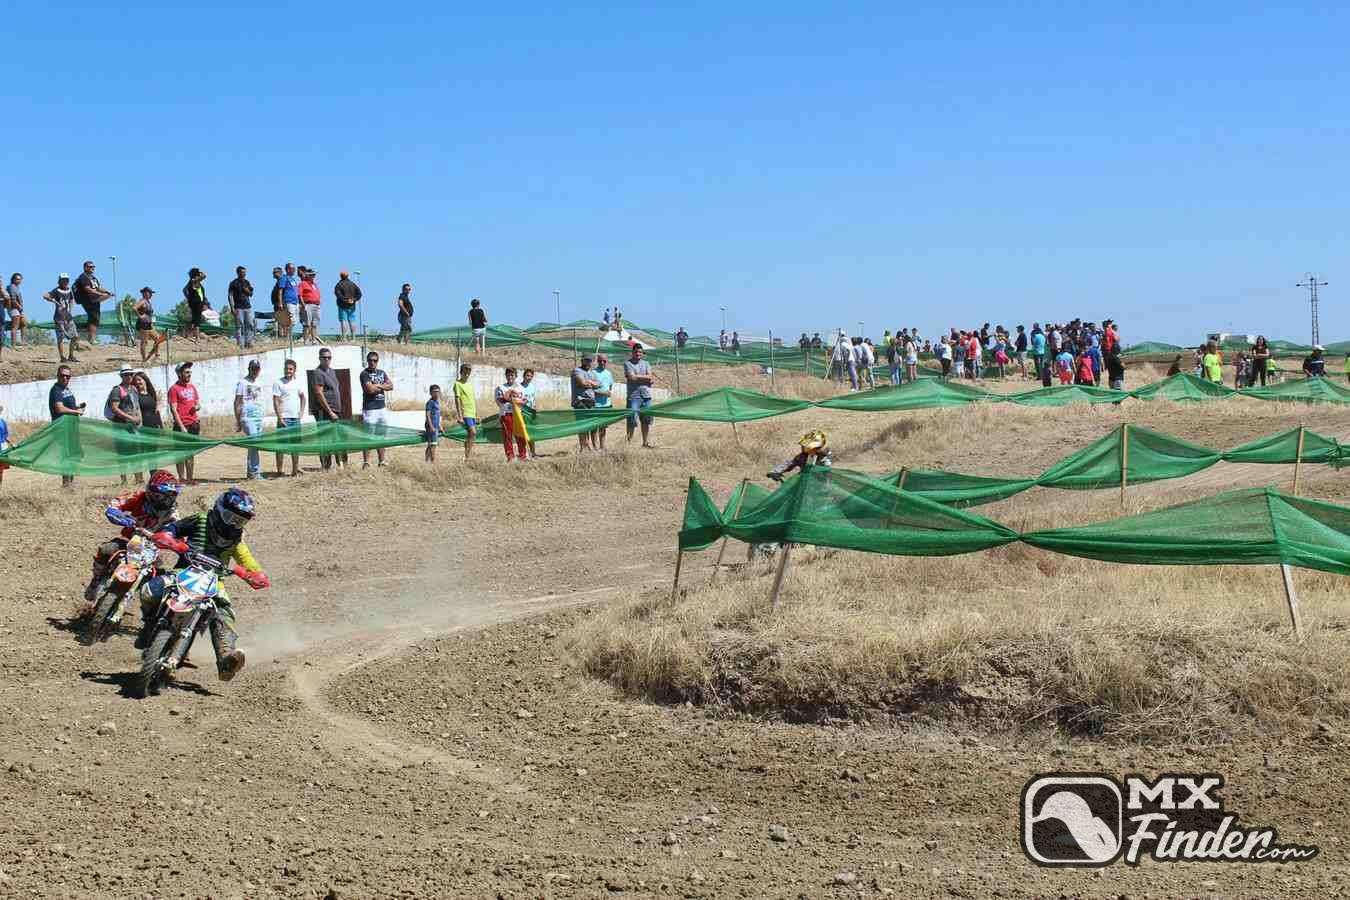 motocross, Circuito el Piloto, Miajadas, motocross track